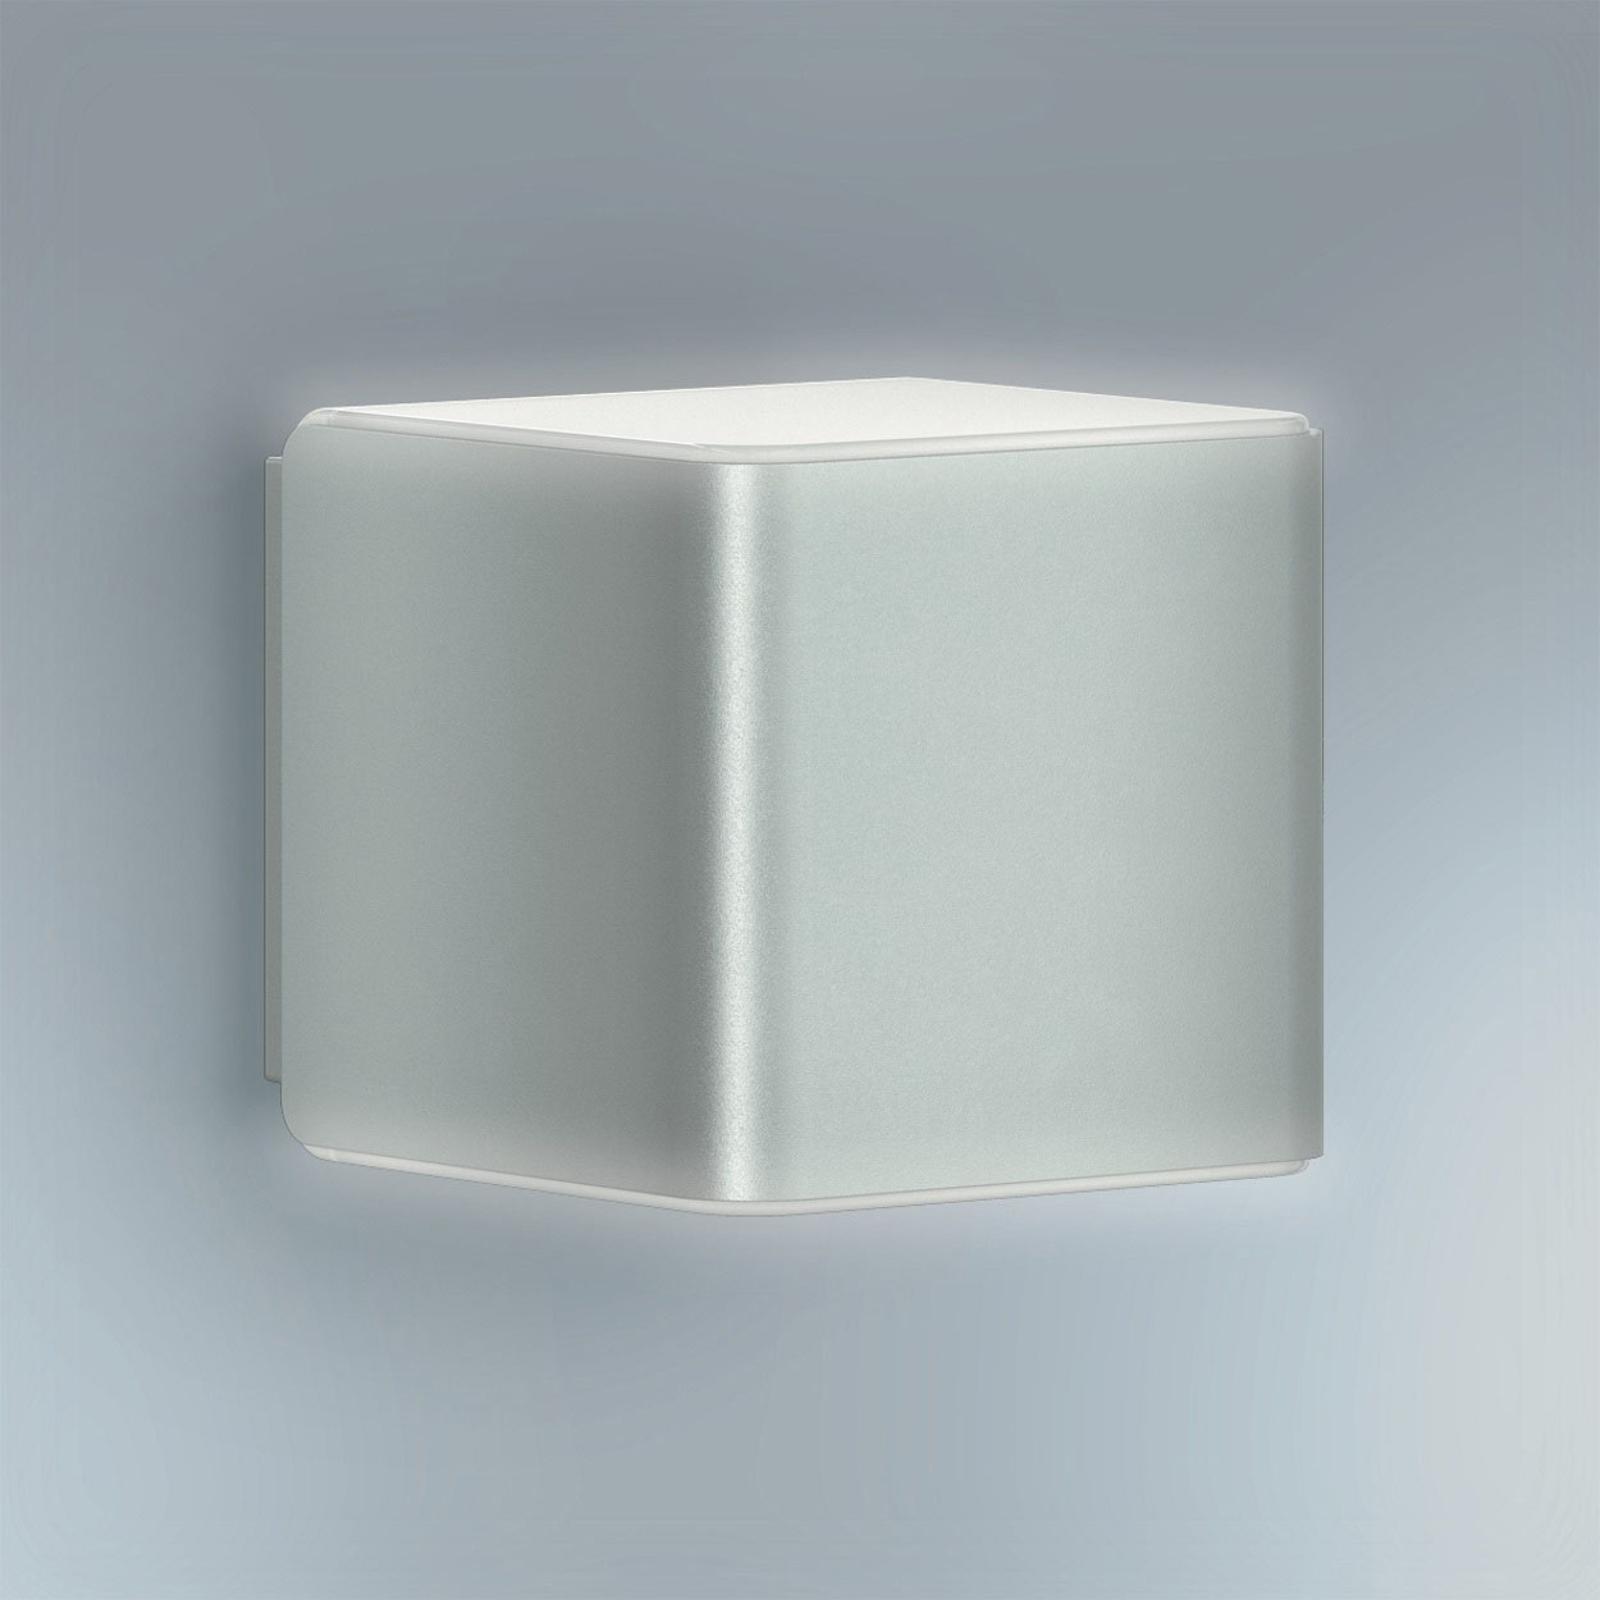 STEINEL L 840 LED iHF applique extérieur, argentée